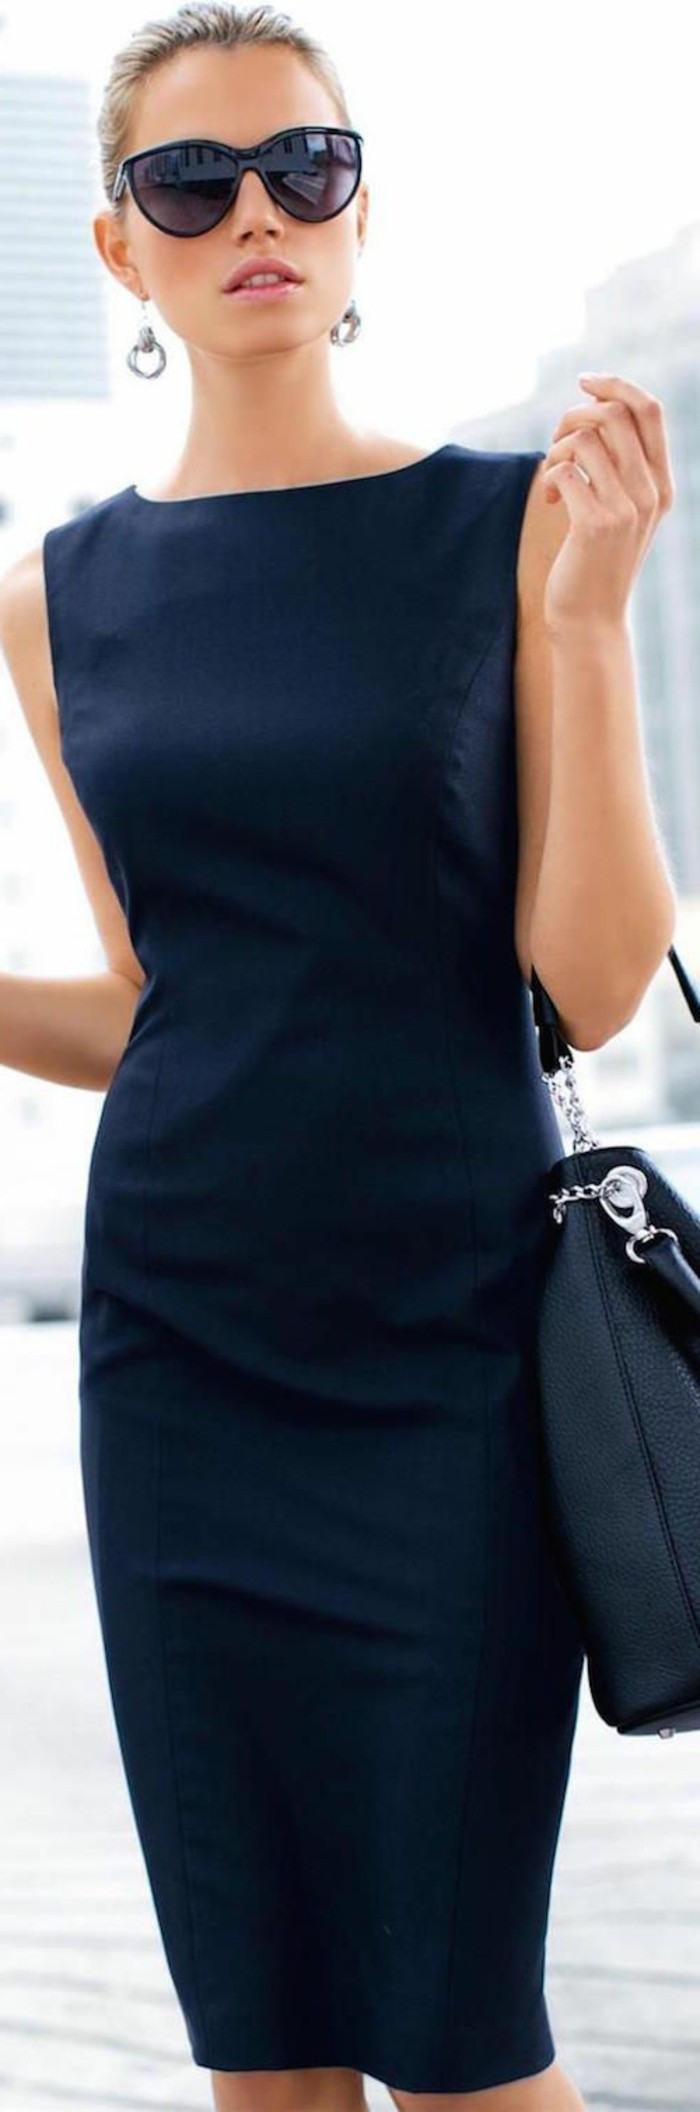 13 Wunderbar Schicke Kleider Schwarz Design15 Genial Schicke Kleider Schwarz Boutique